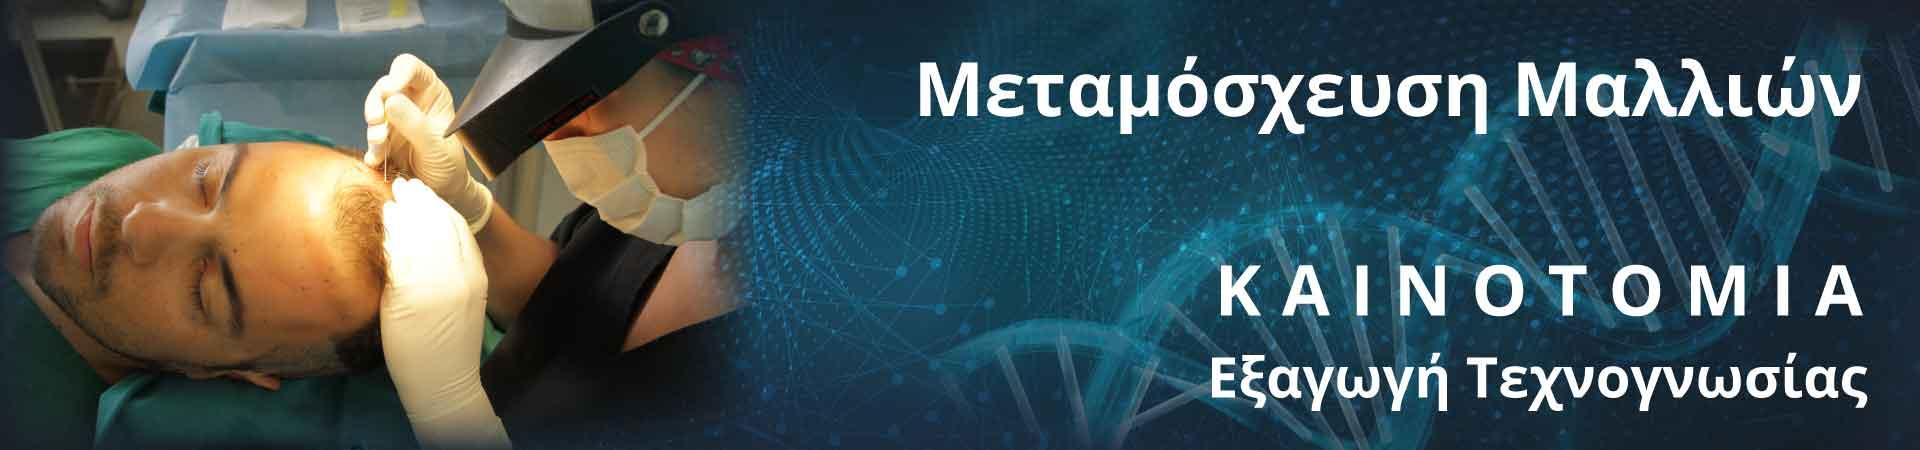 Καινοτομία – Συμμετοχές σε συνέδρια – Εξαγωγή Τεχνογνωσίας